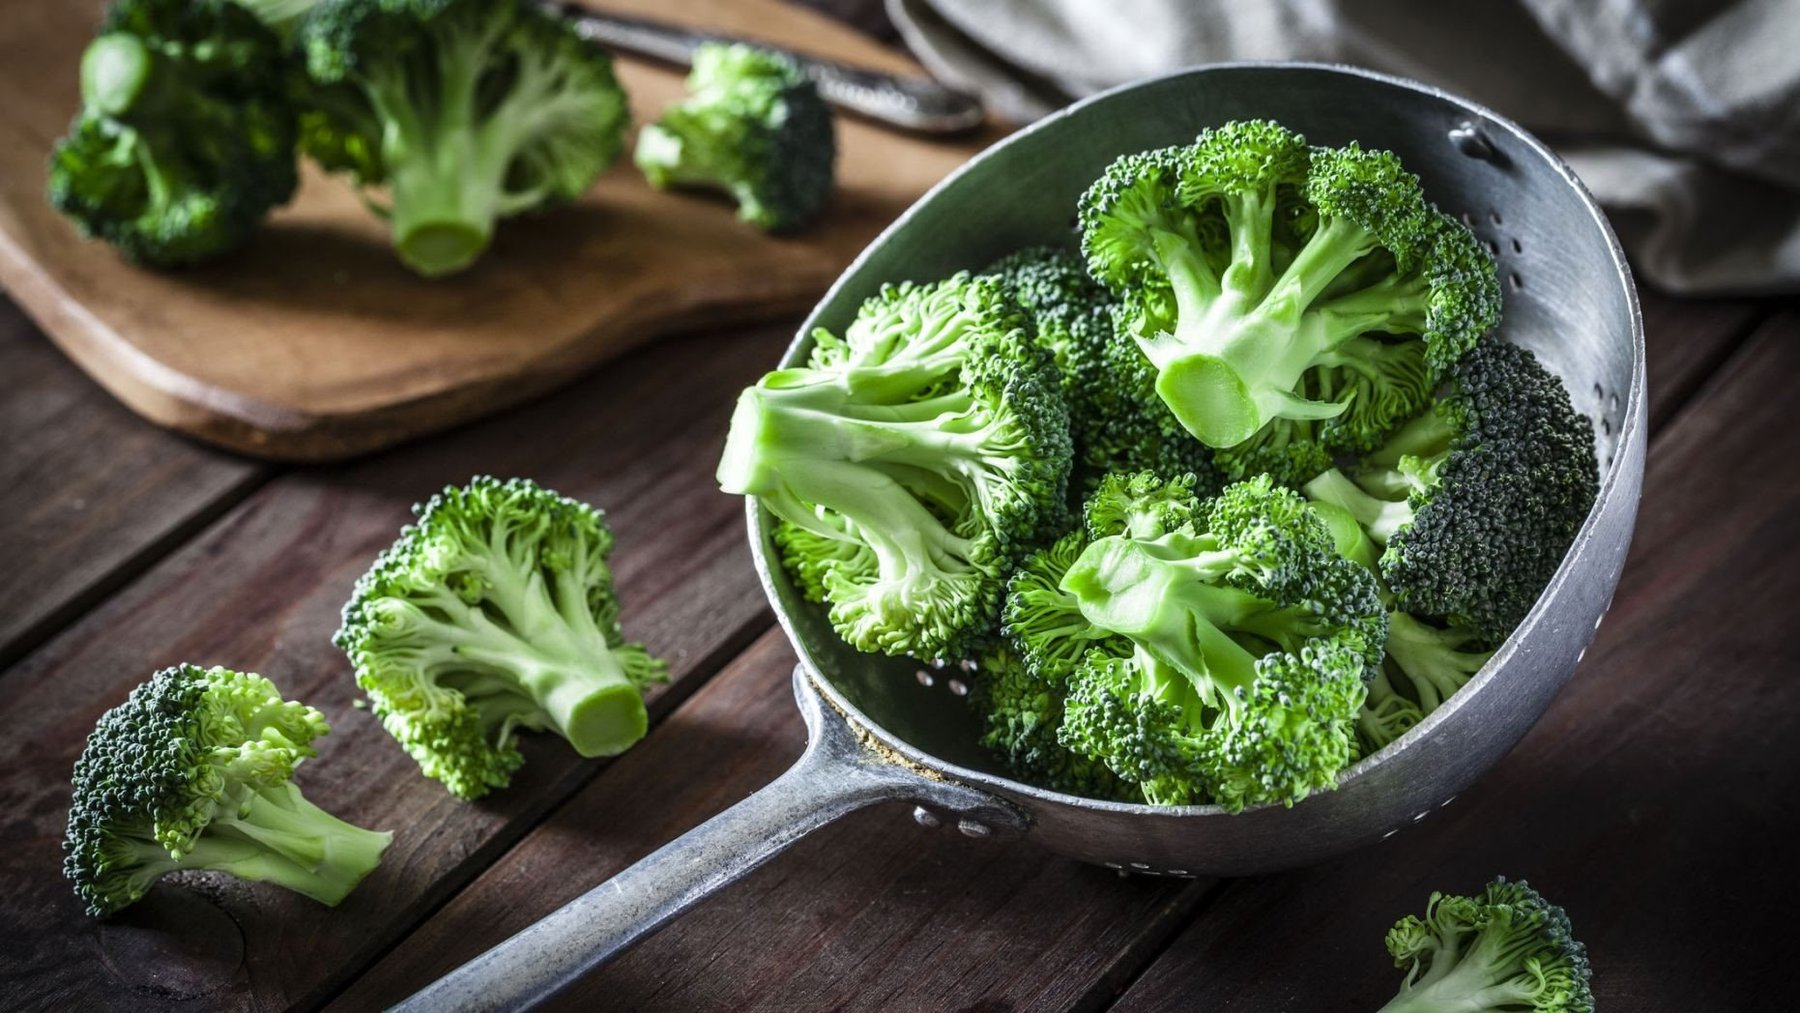 Ưu tiên lựa chọn thực phẩm gì để tăng cường sức đề kháng phòng chống covid-19? - Ảnh 2